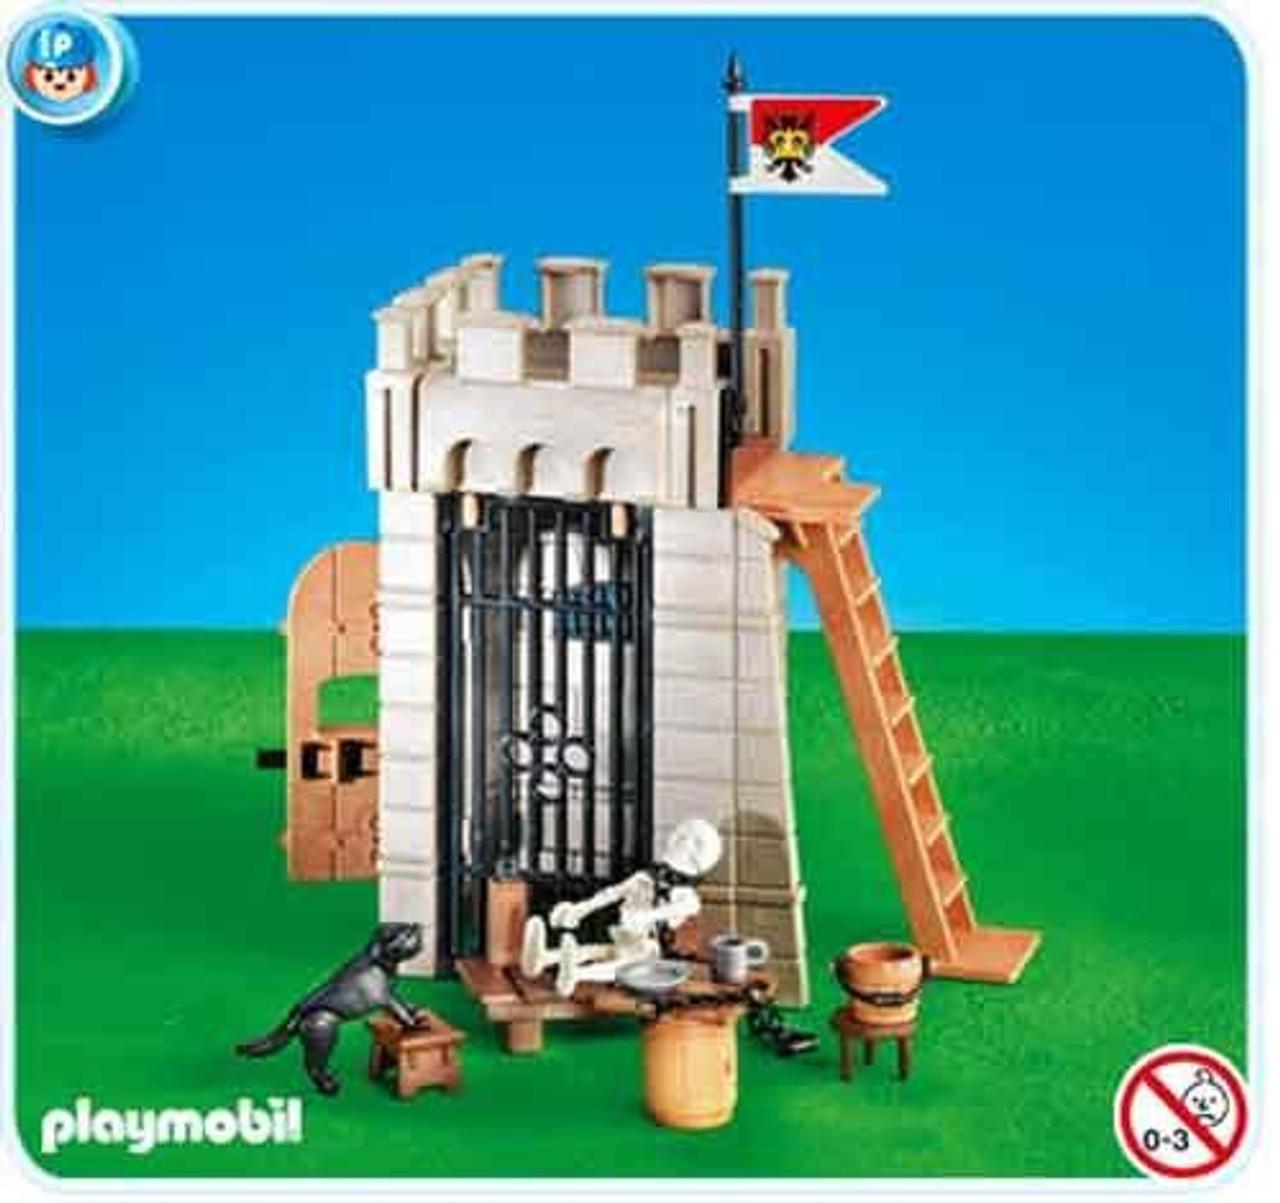 Playmobil Pirates Dungeon Set #7377